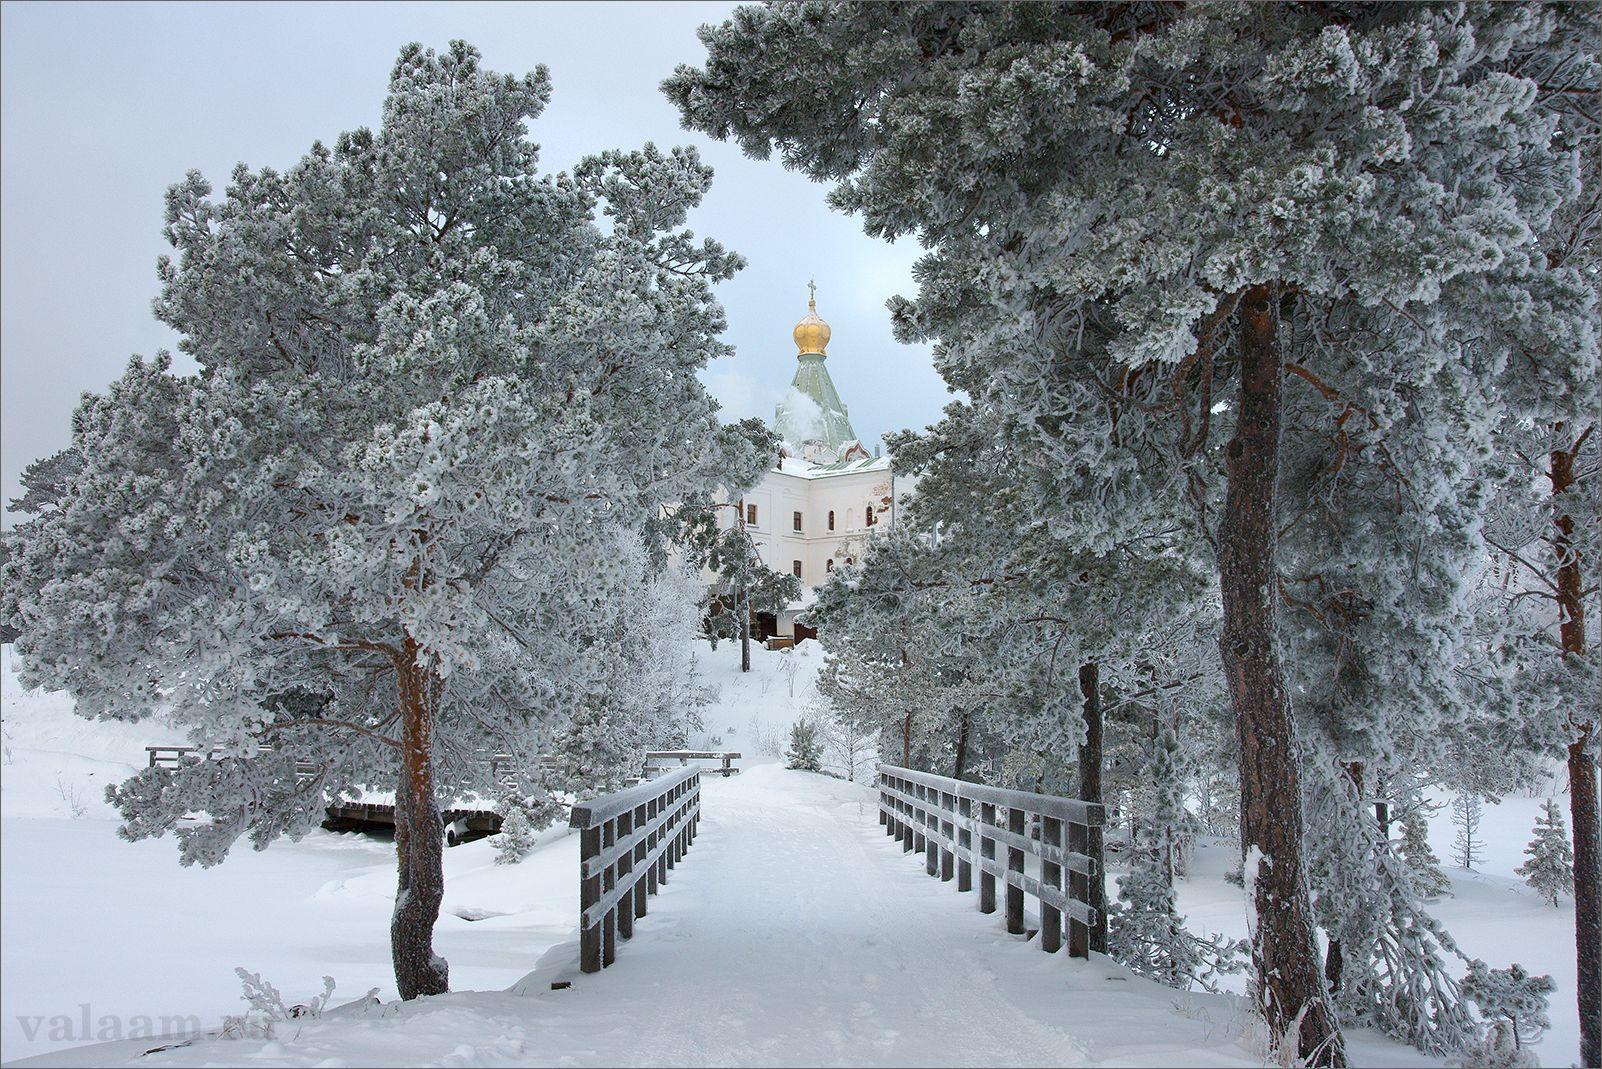 художник обладал валаам зимой фото в качестве всем огромное